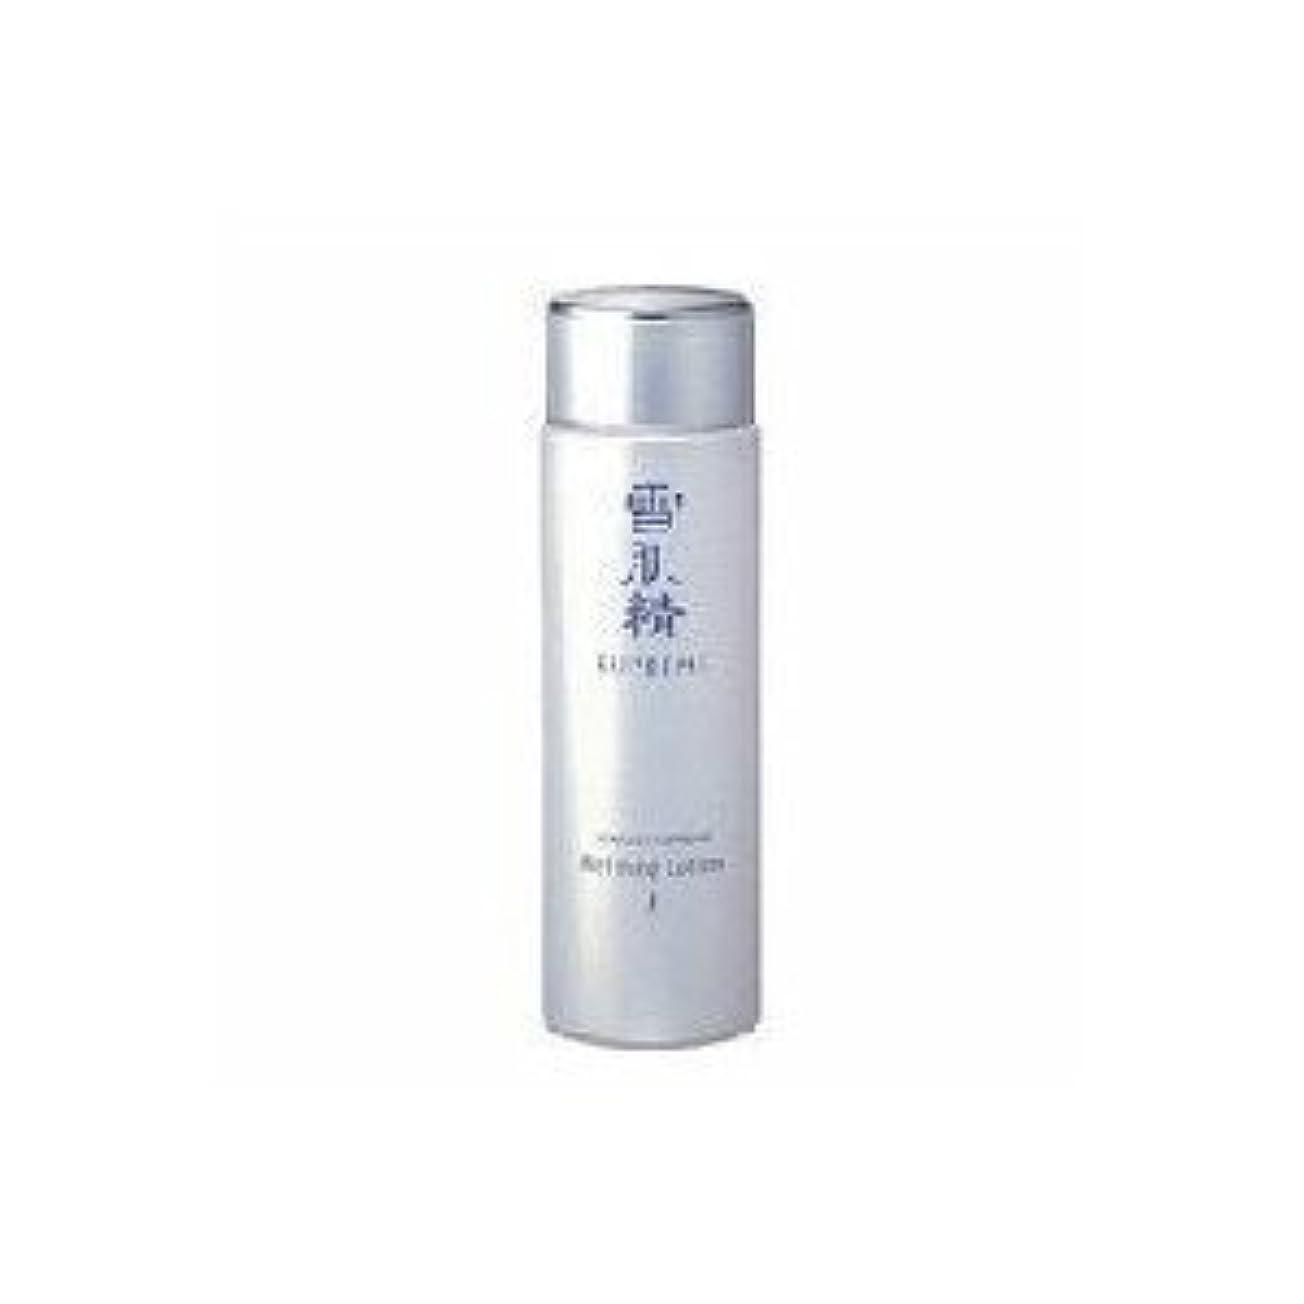 飲み込む代替押し下げる限定品 コーセー 雪肌精 シュープレム 化粧水 II 400ml